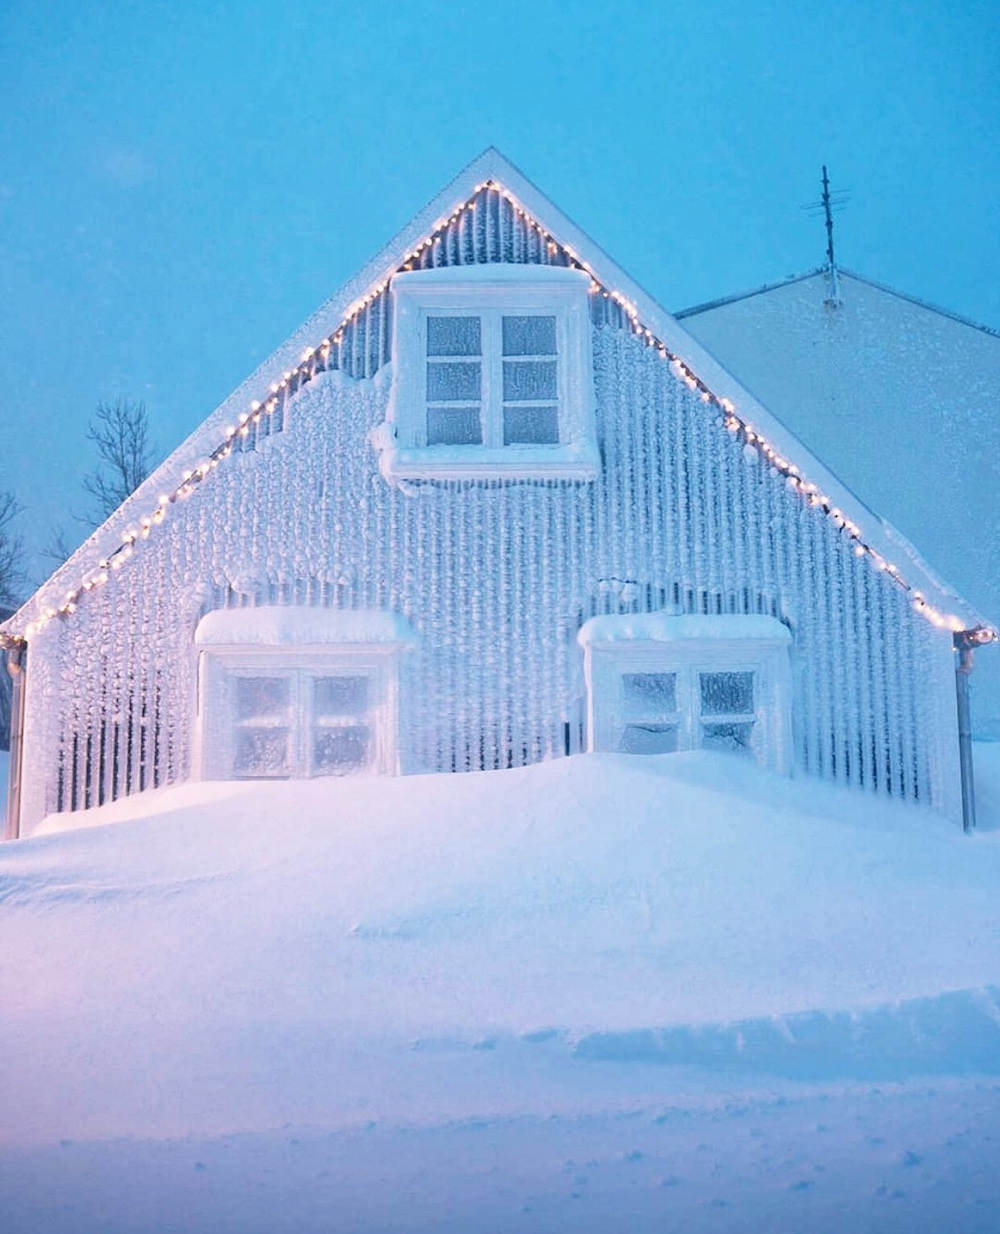 koti islannissa länsivuonot